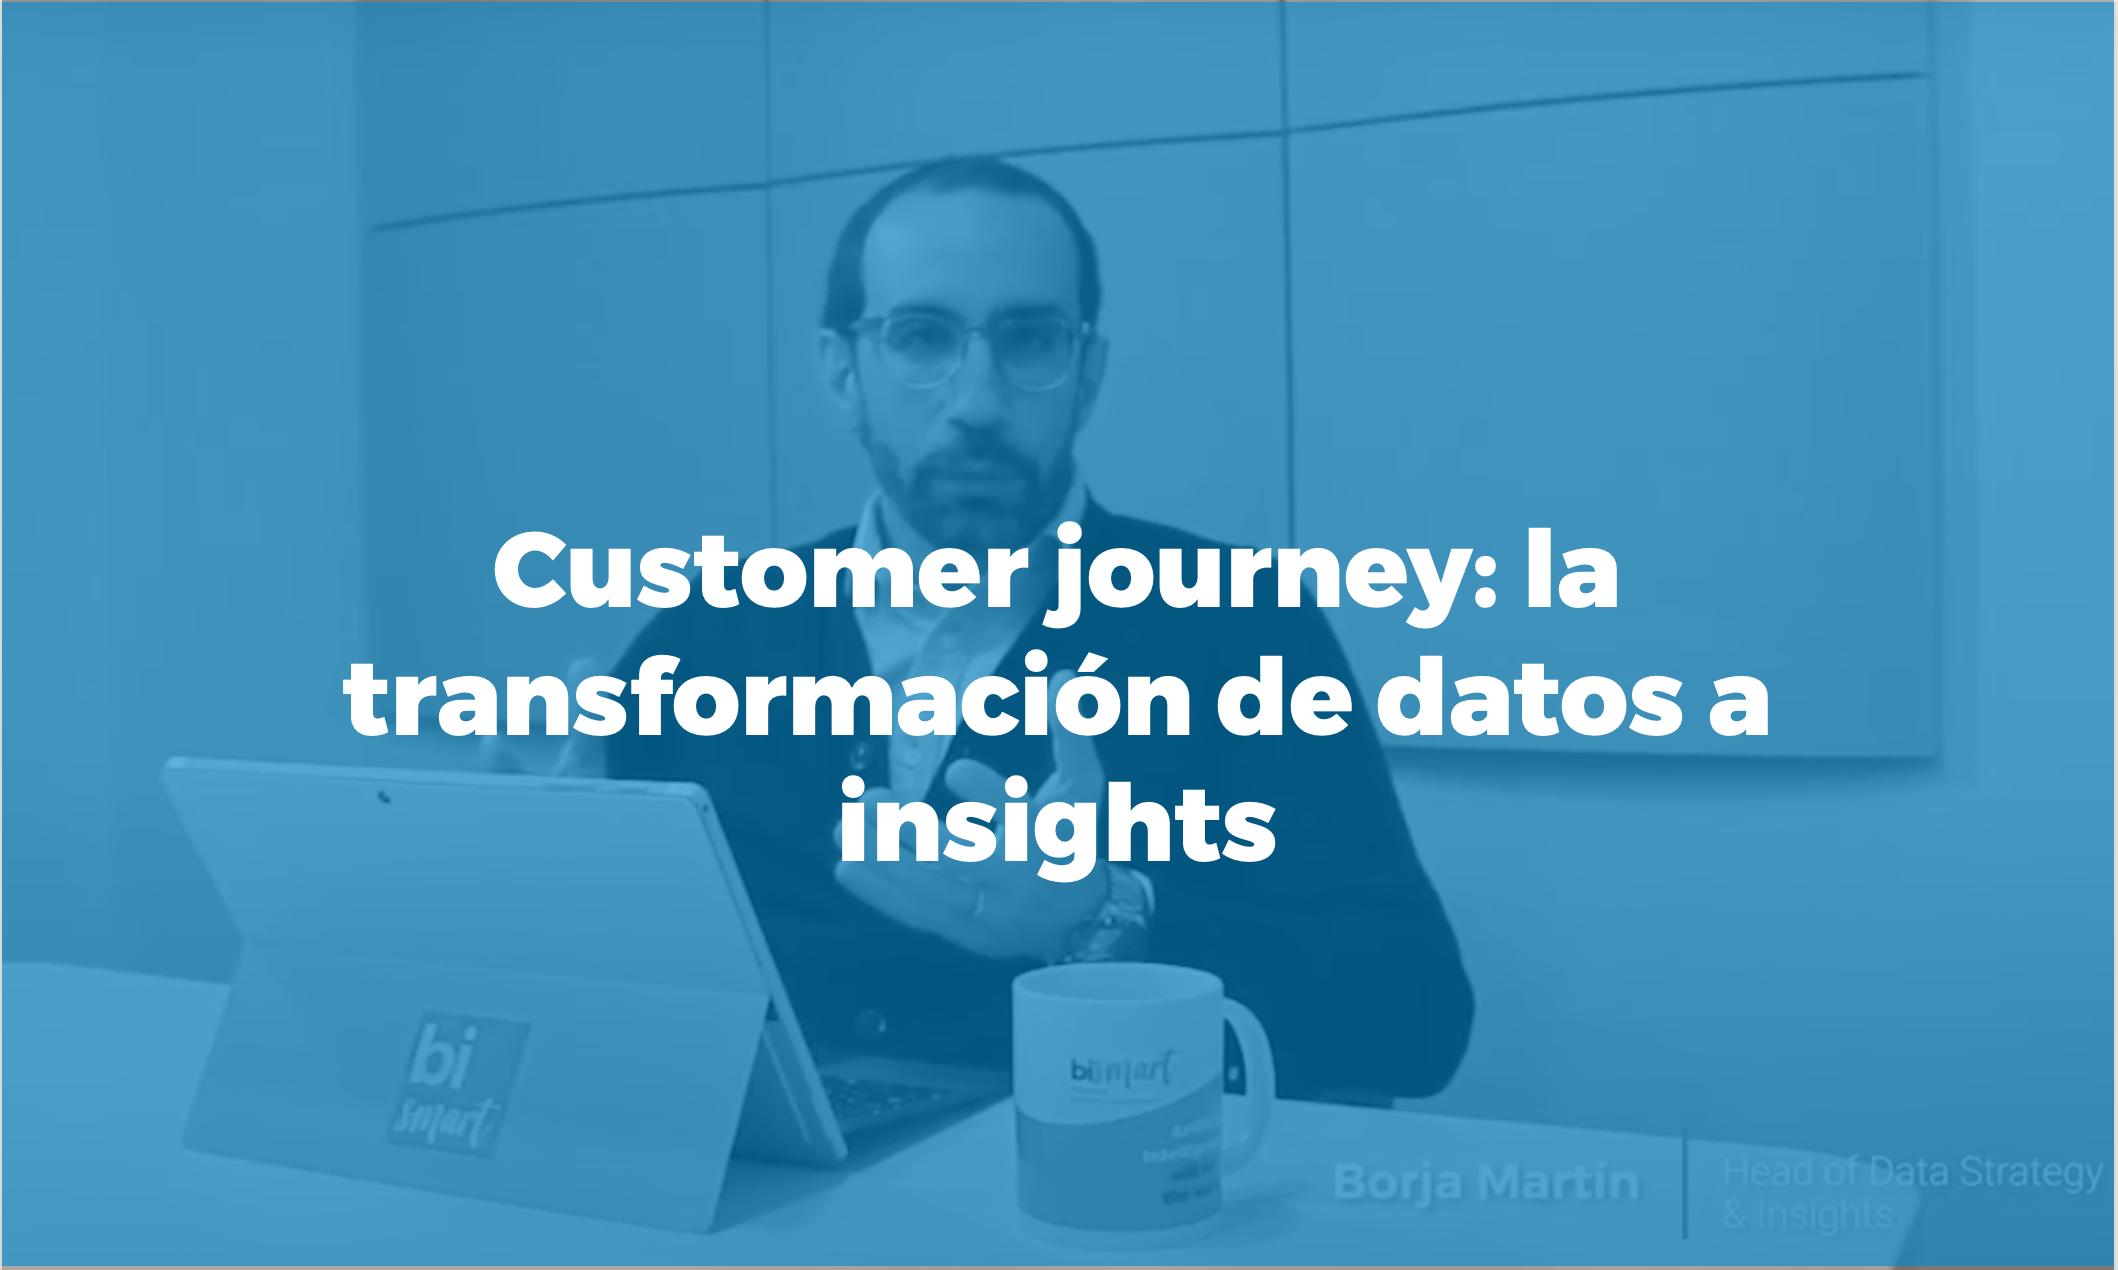 Bismart customer journey la transformación de datos a insights